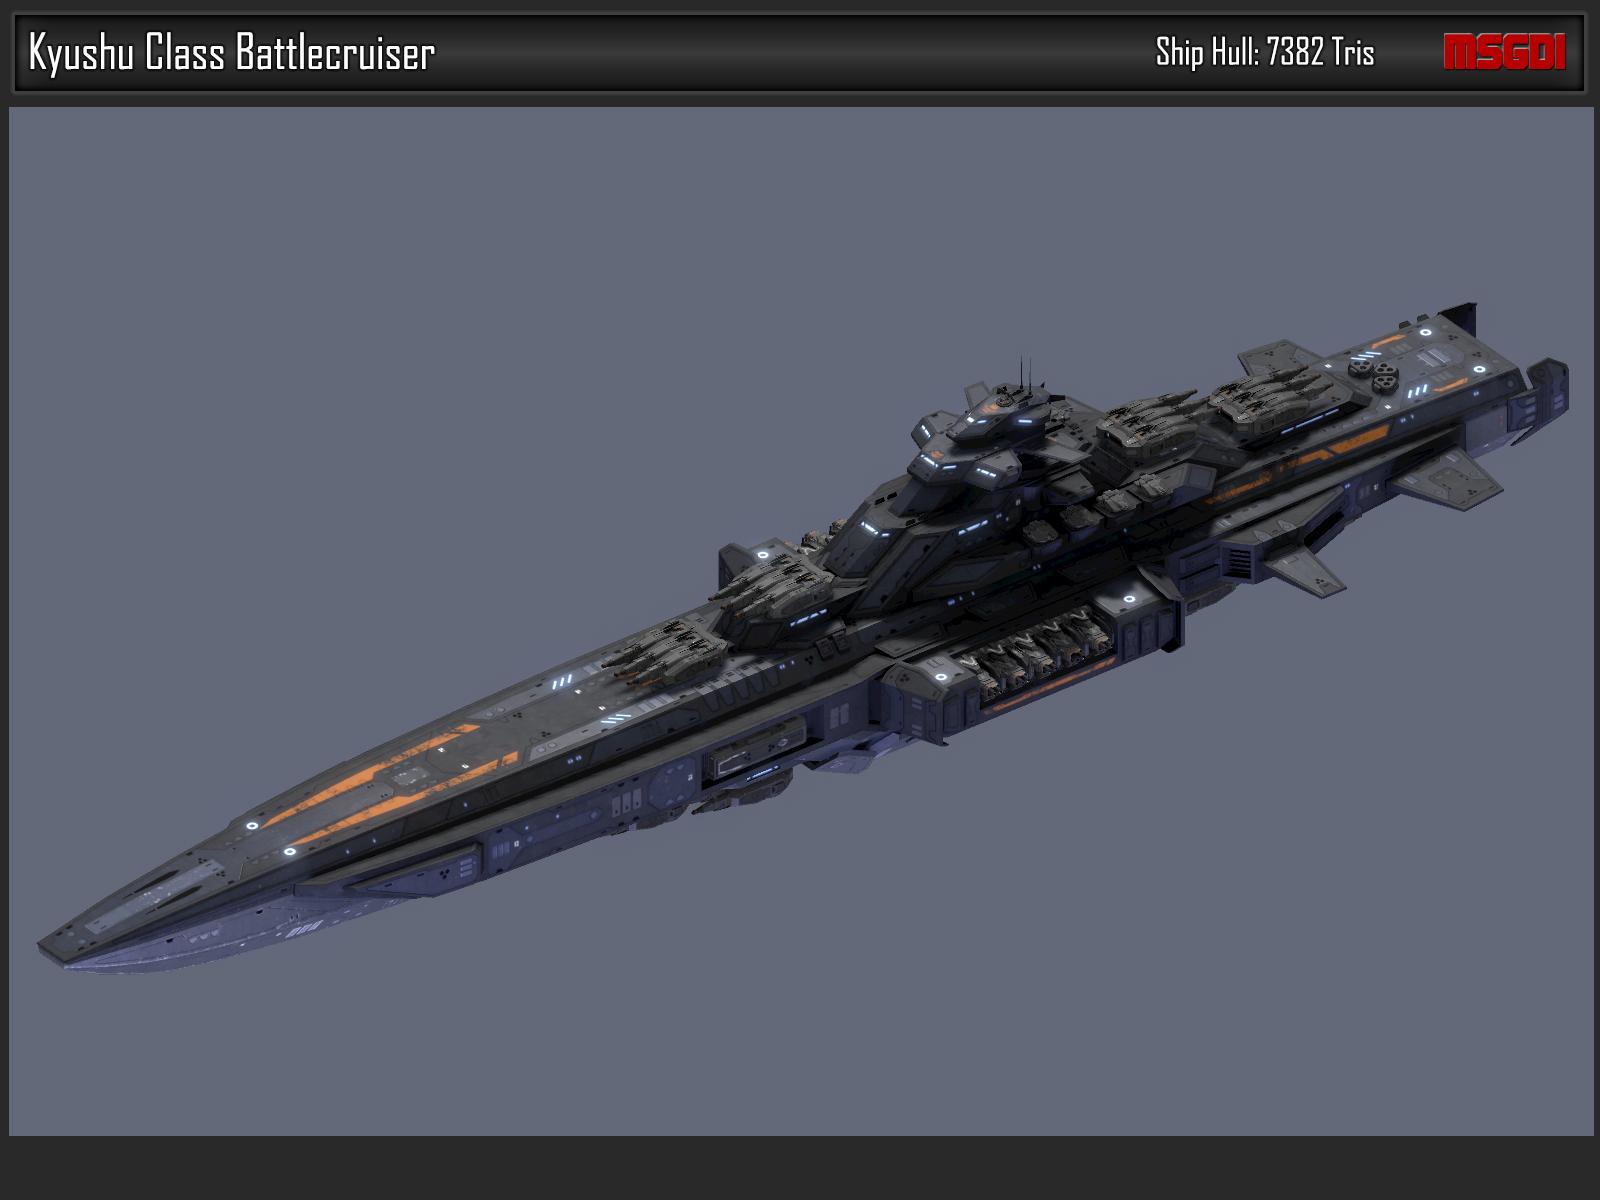 Scifi Battlecruiser Kyushu